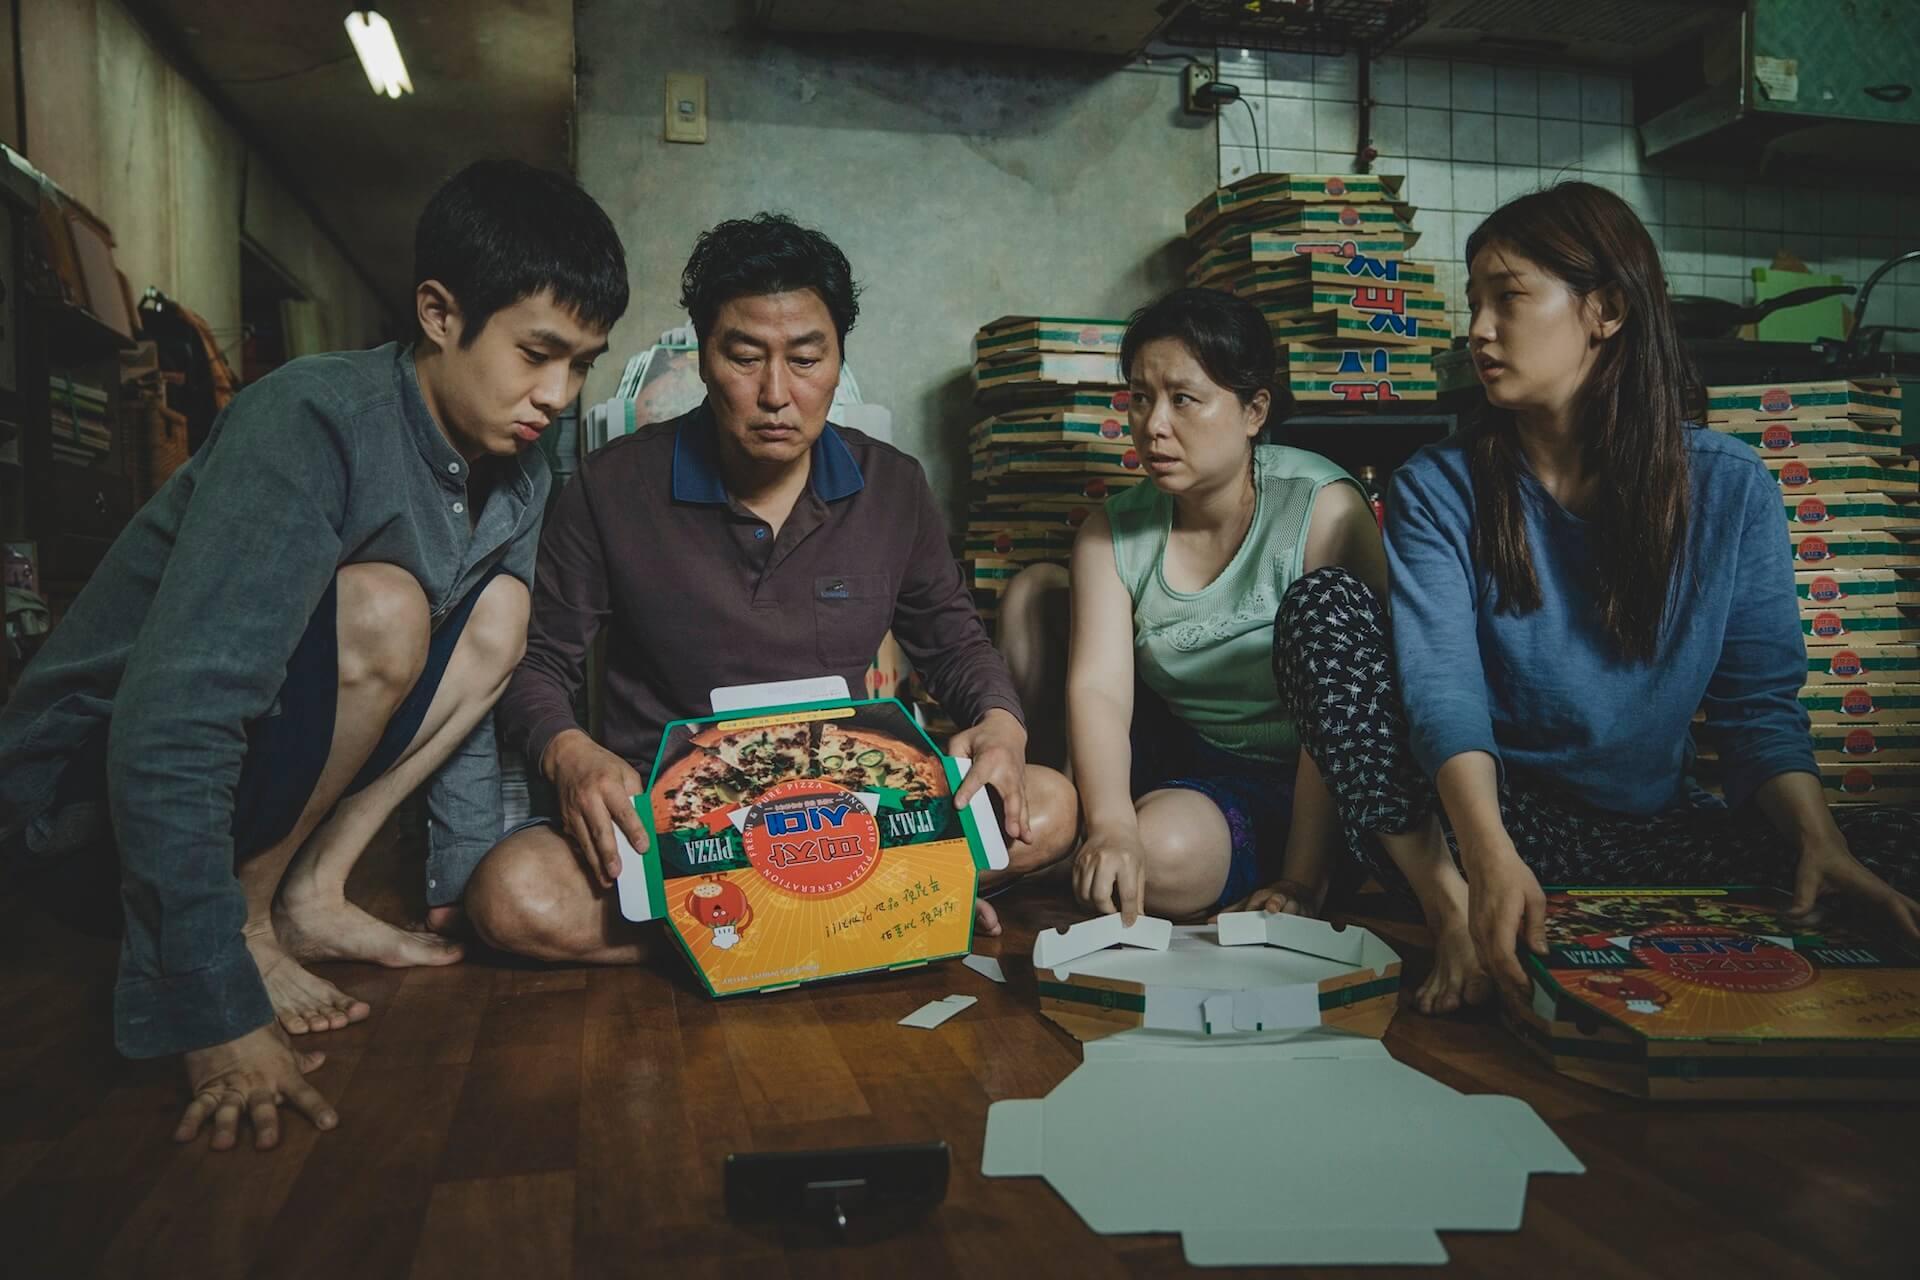 『パラサイト 半地下の家族』に日本映画界の著名人も注目!是枝裕和、西川美和、李相日らからのコメントが到着 film191025_parasite_8